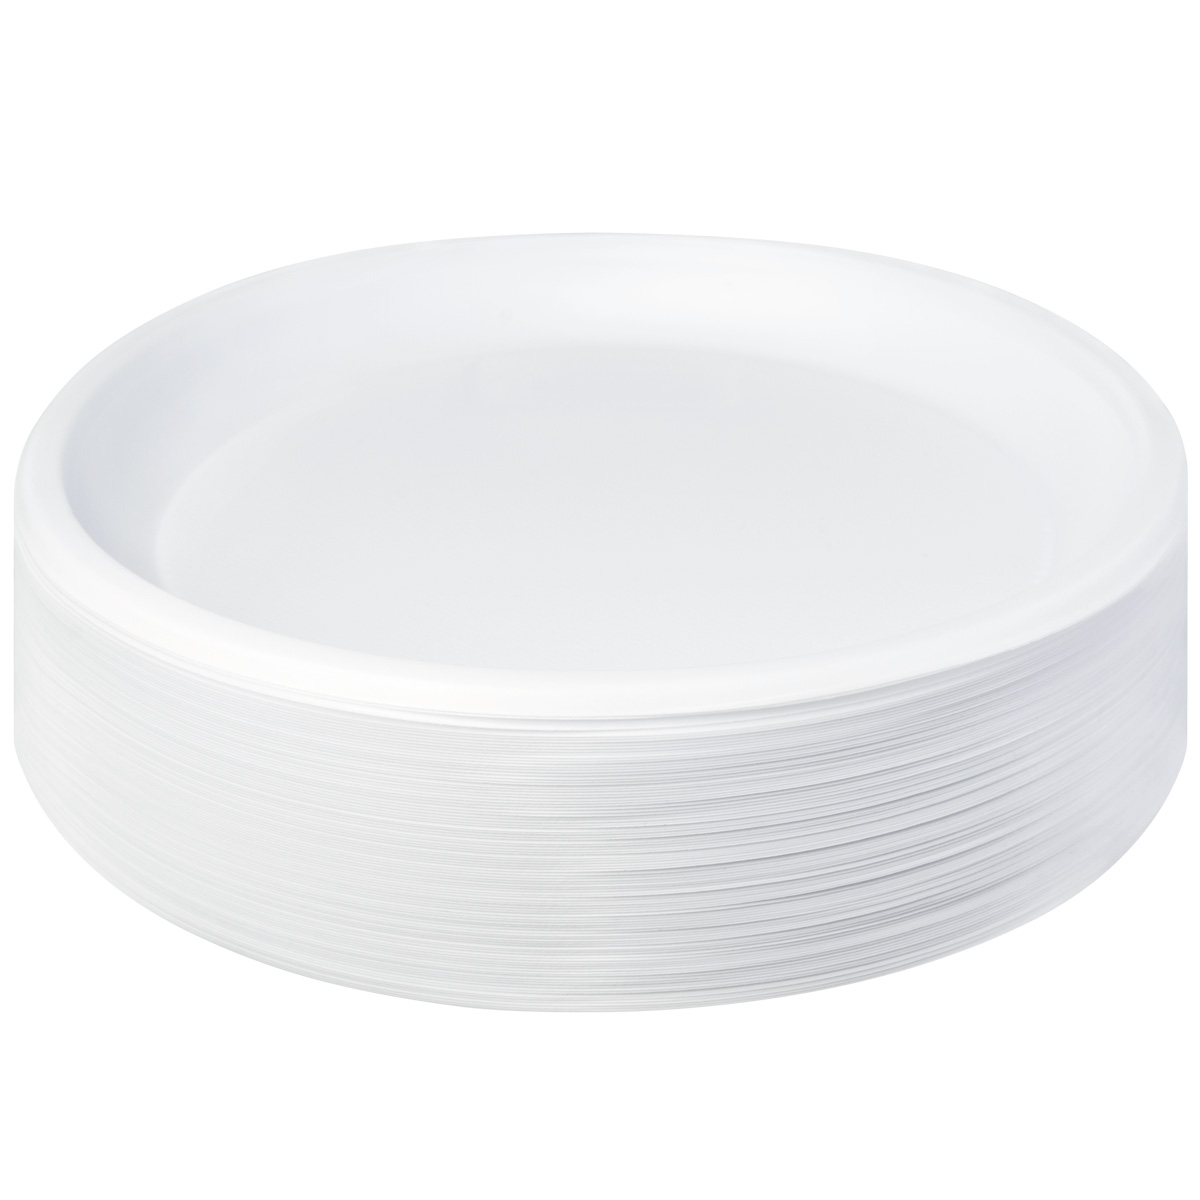 Тарелка пластиковая, D205мм, бессекционная, белая, 50шт/уп